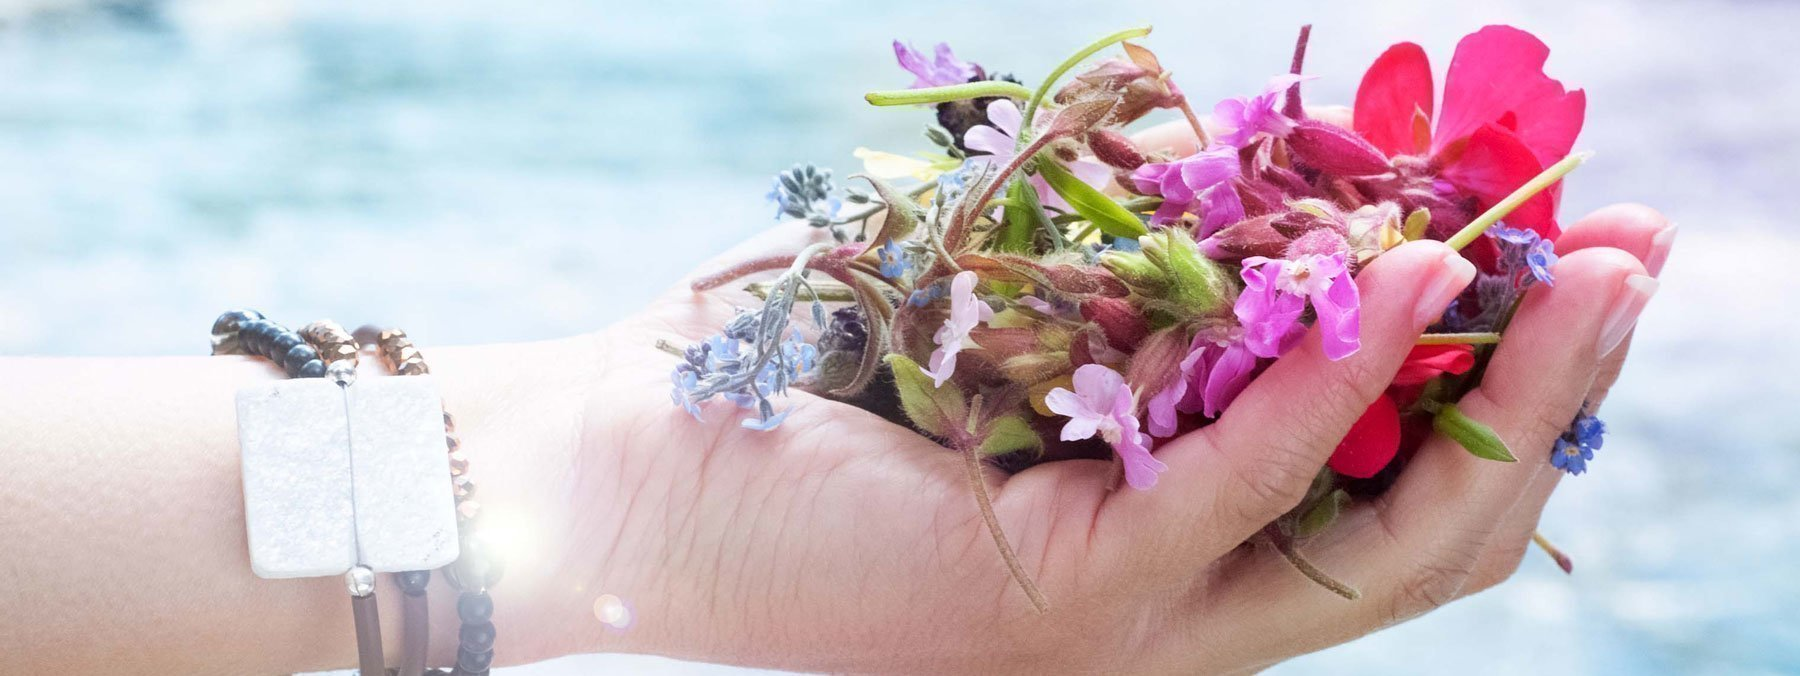 Massagen - Gönnen Sie sich eine wohlverdiente Pause